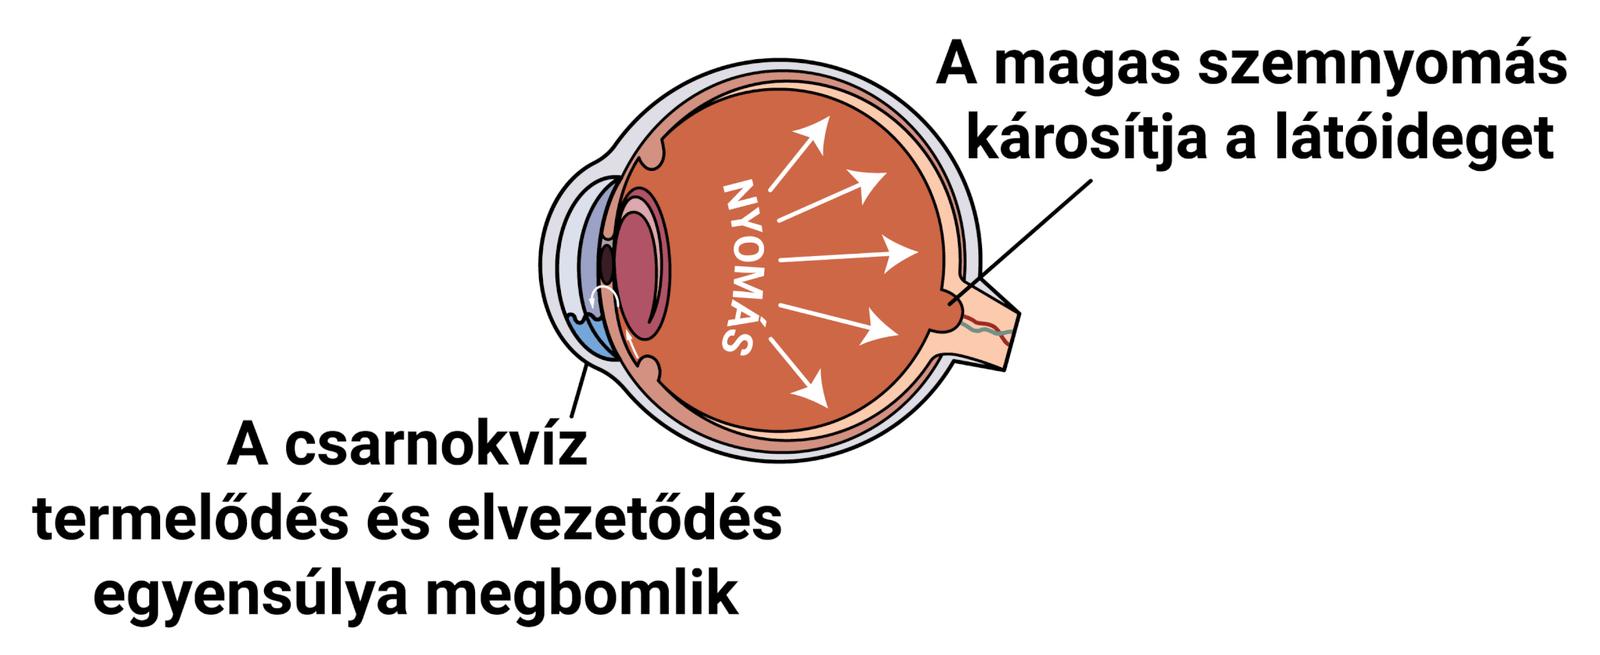 látászavar, nem meghatározott gondolkodás és beszéd látássérüléssel